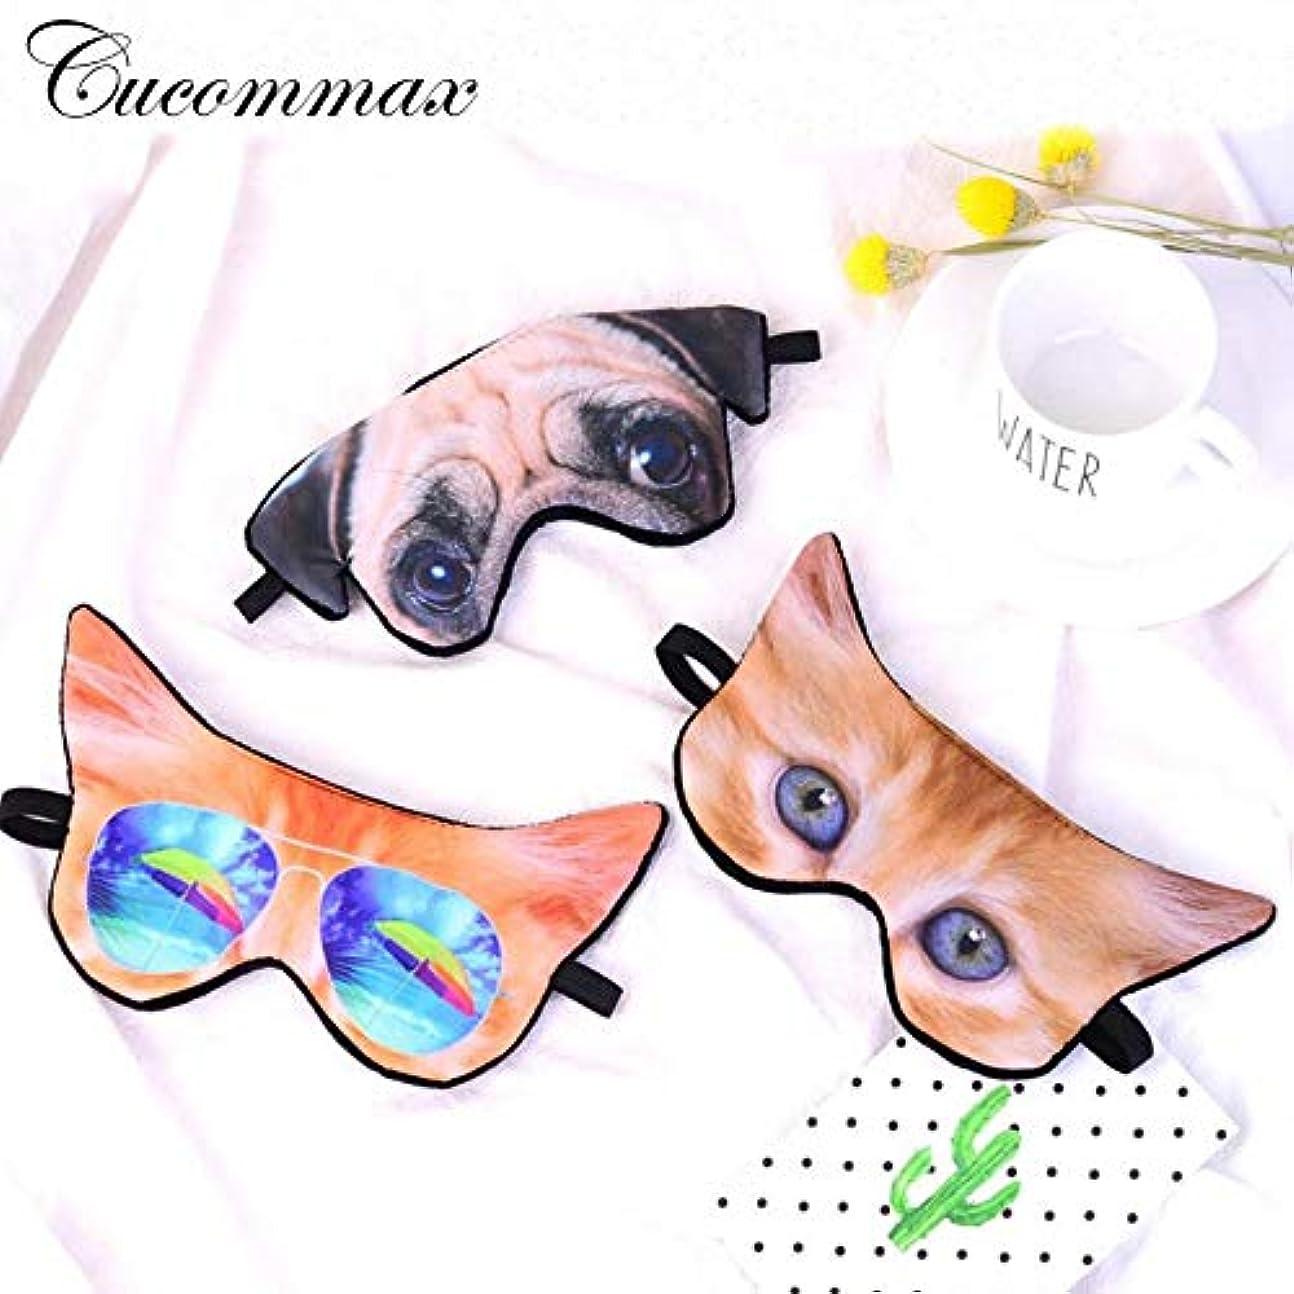 メモCucommax 1ピース3Dプリントアイマスク睡眠を助けるために眠るための目の睡眠マスクブラックマスク包帯睡眠 - MSK 59